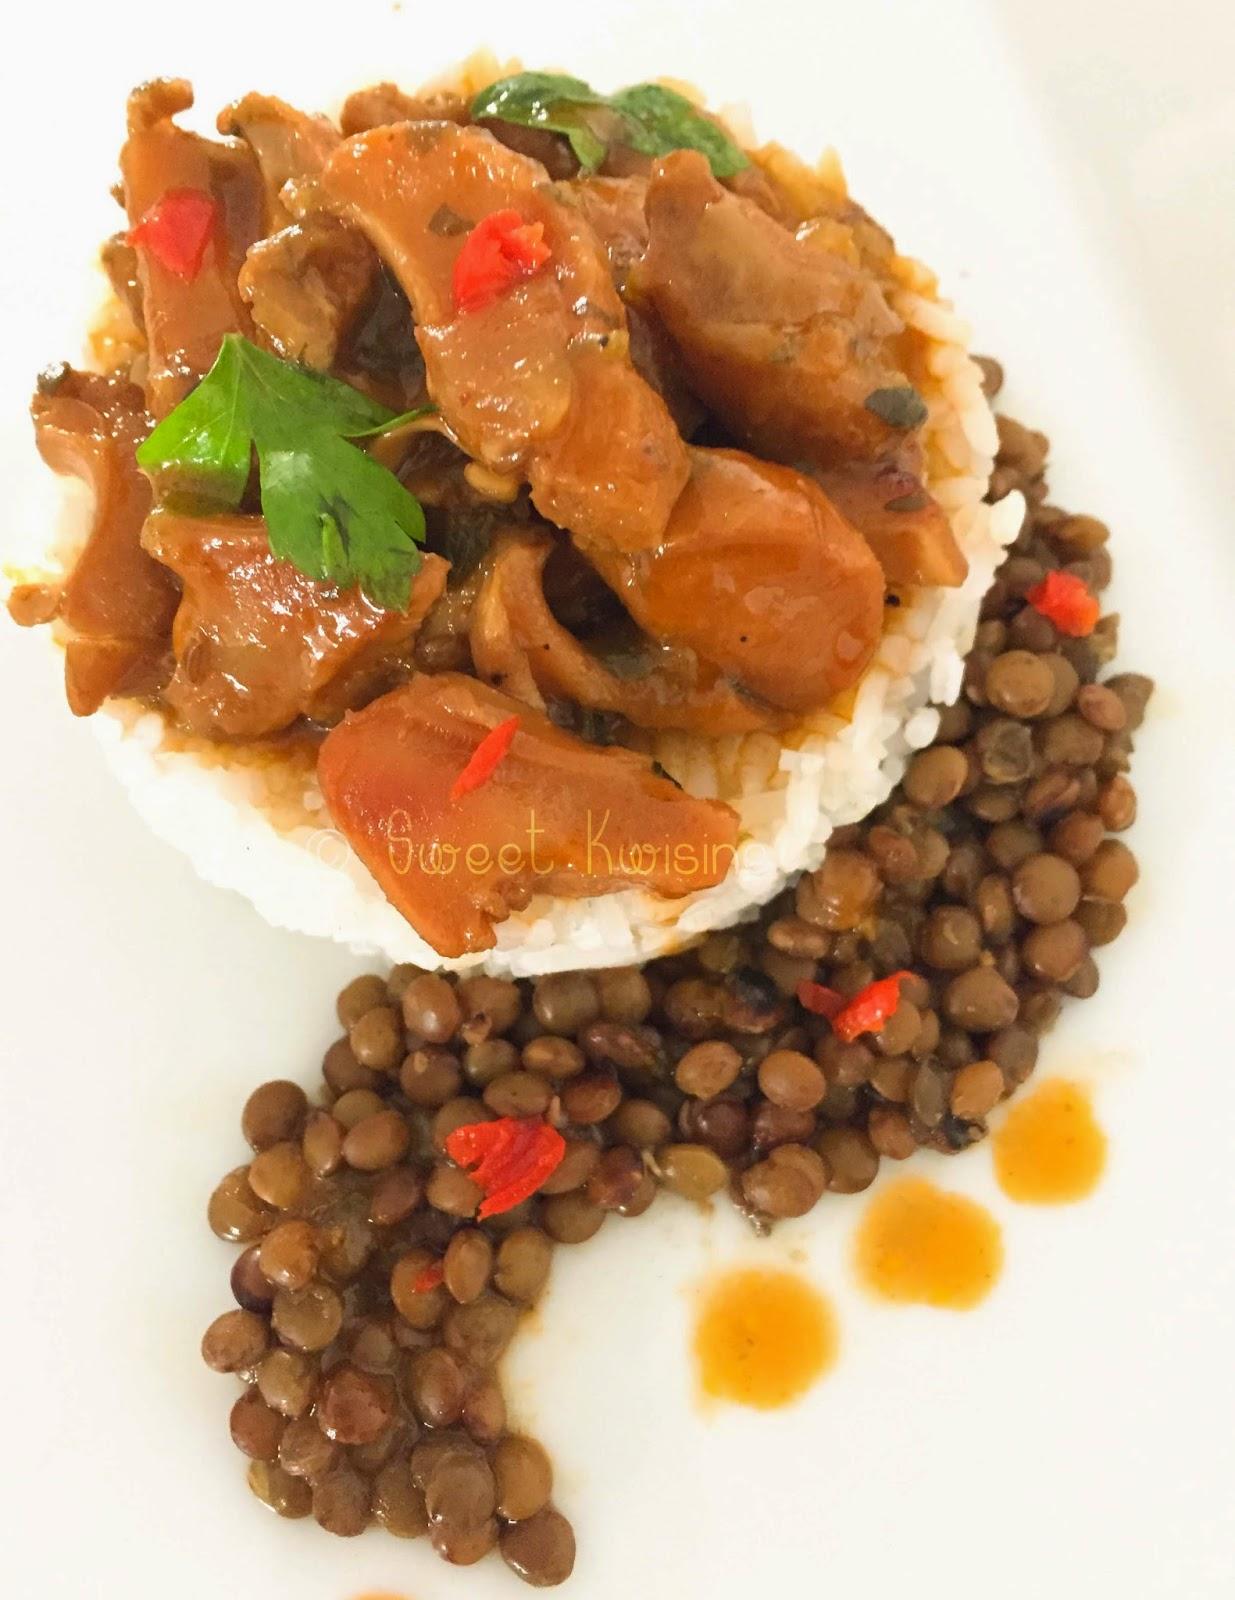 sweet kwisine, lambis, martinique, cuisine antillaise, coquillage, mollusque, cuisine antillaise, piment oignon-pays, persil, riz, haricots rouges, lentilles, conch meat